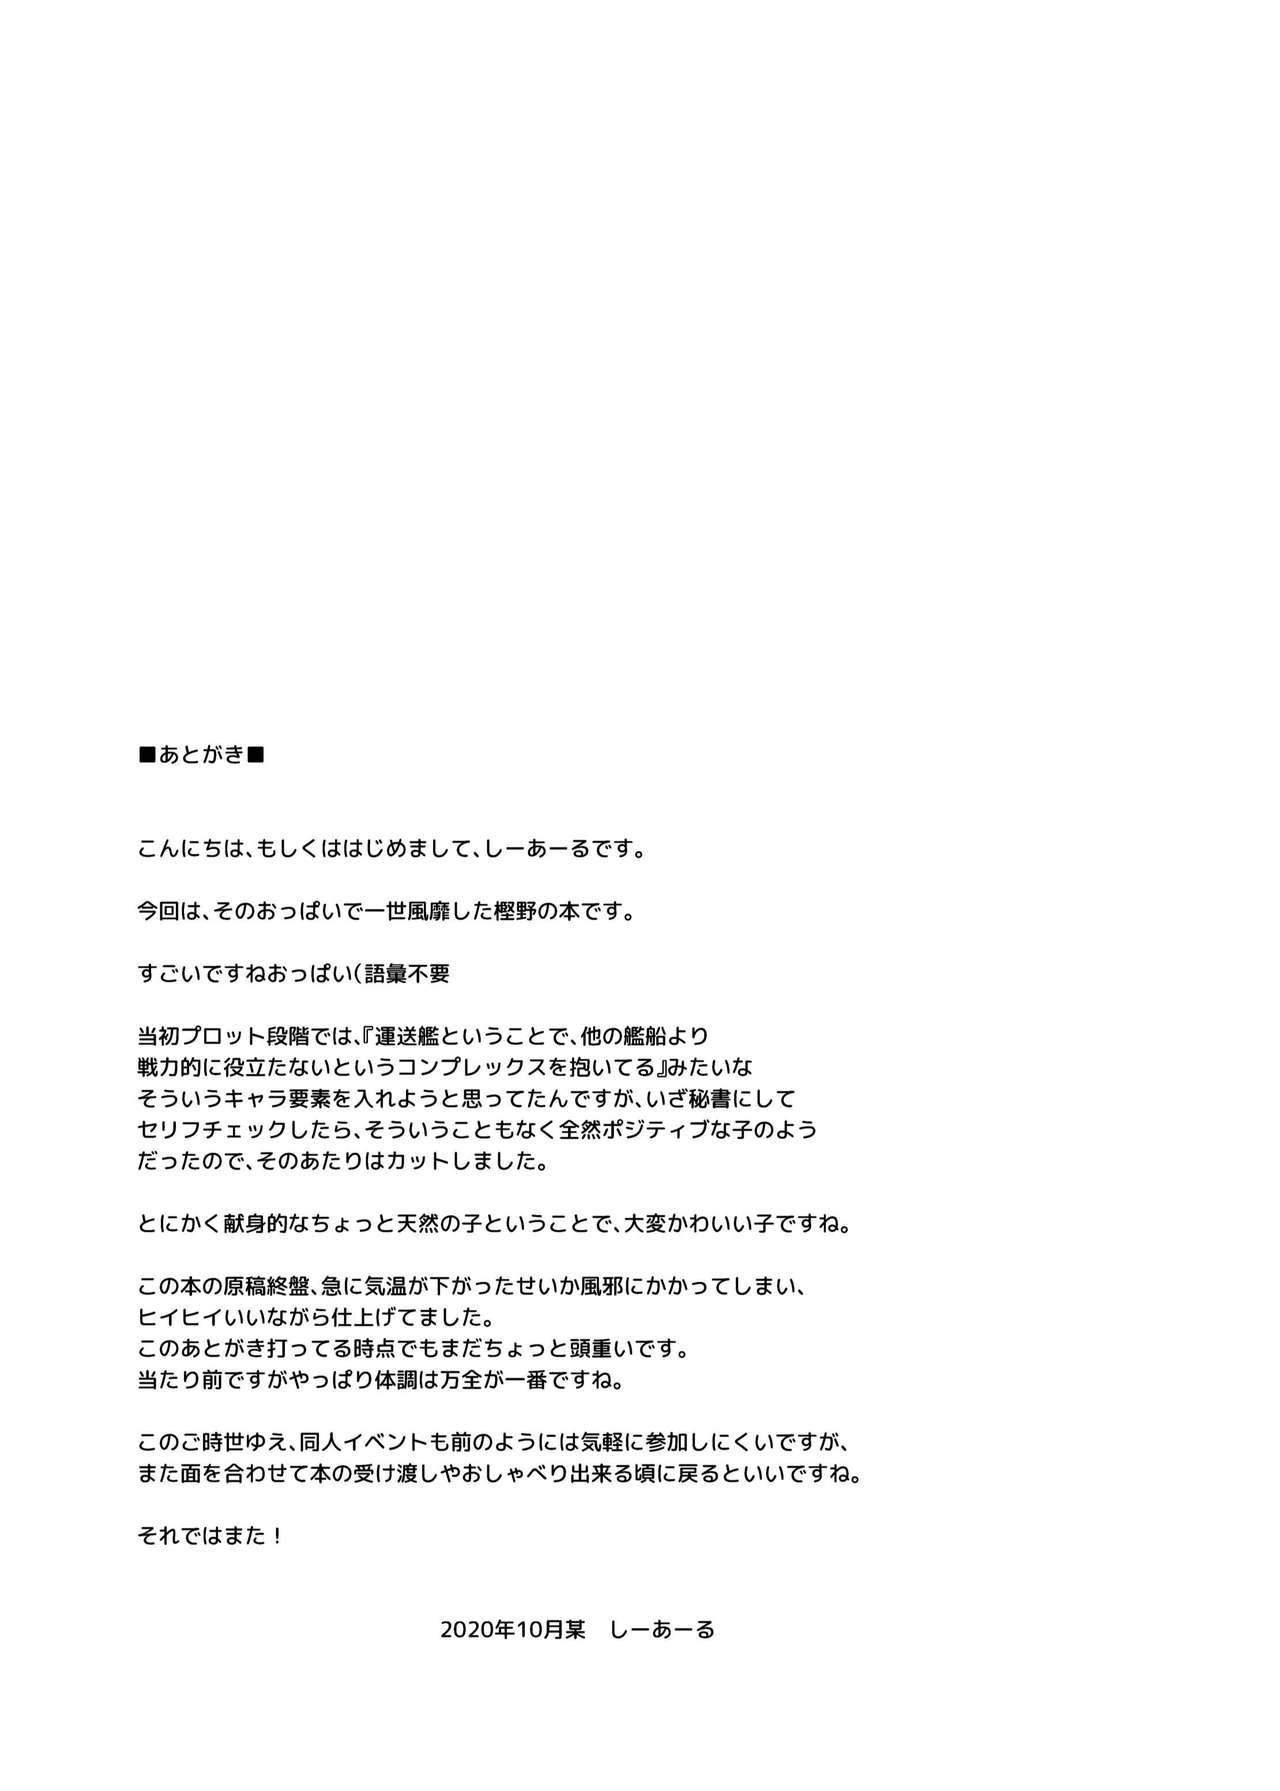 Kashino no Oppai de Kenshinteki ni Osewa Sareru Hon 24